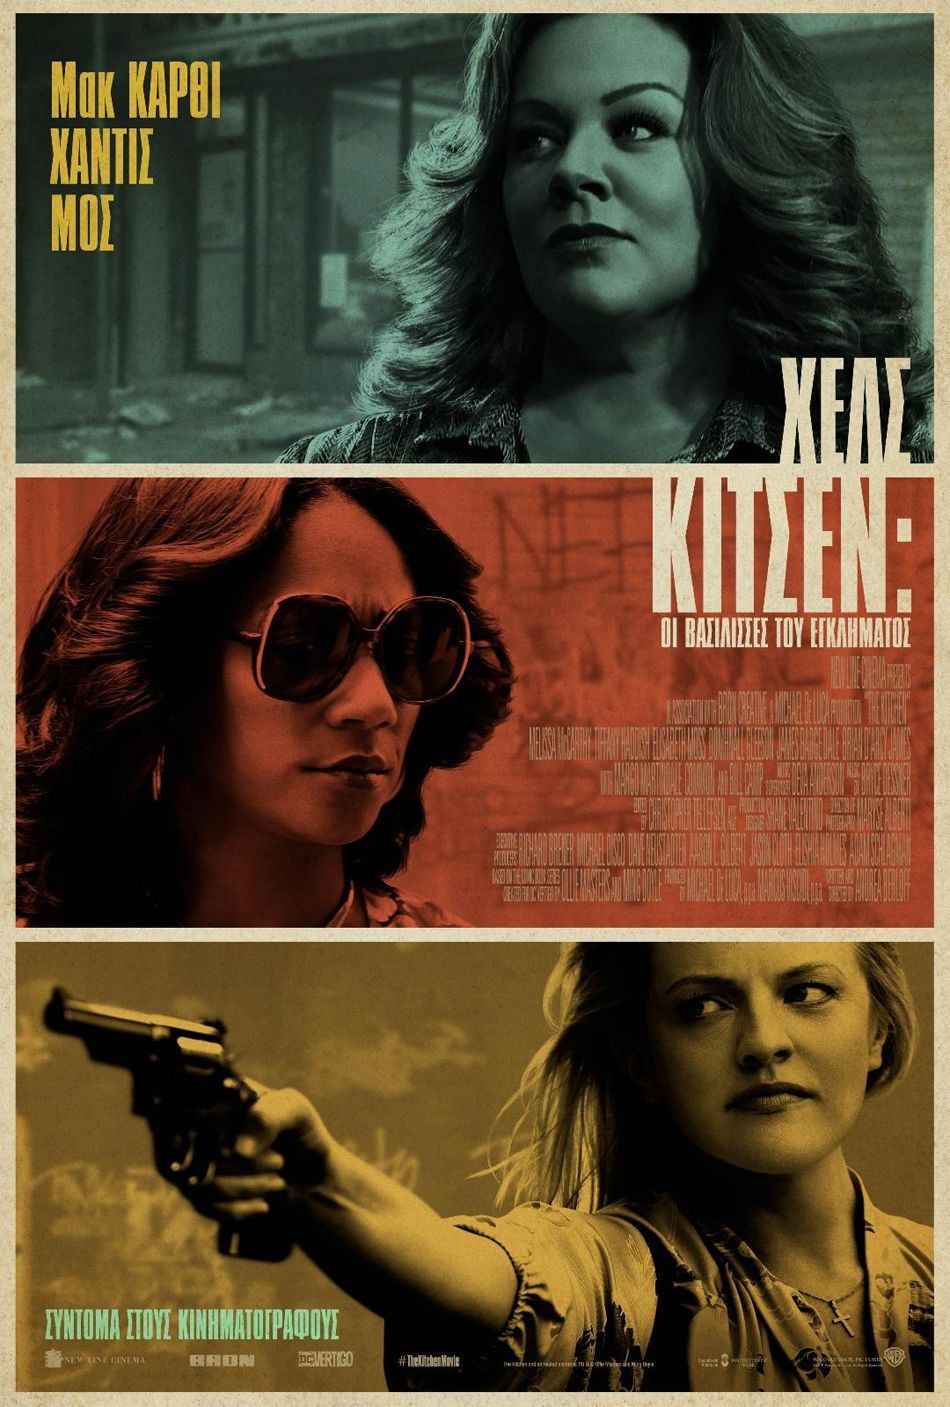 Χελς Κίτσεν: Οι Βασίλισσες του Εγκλήματος (The Kitchen) - Trailer / Τρέιλερ Poster